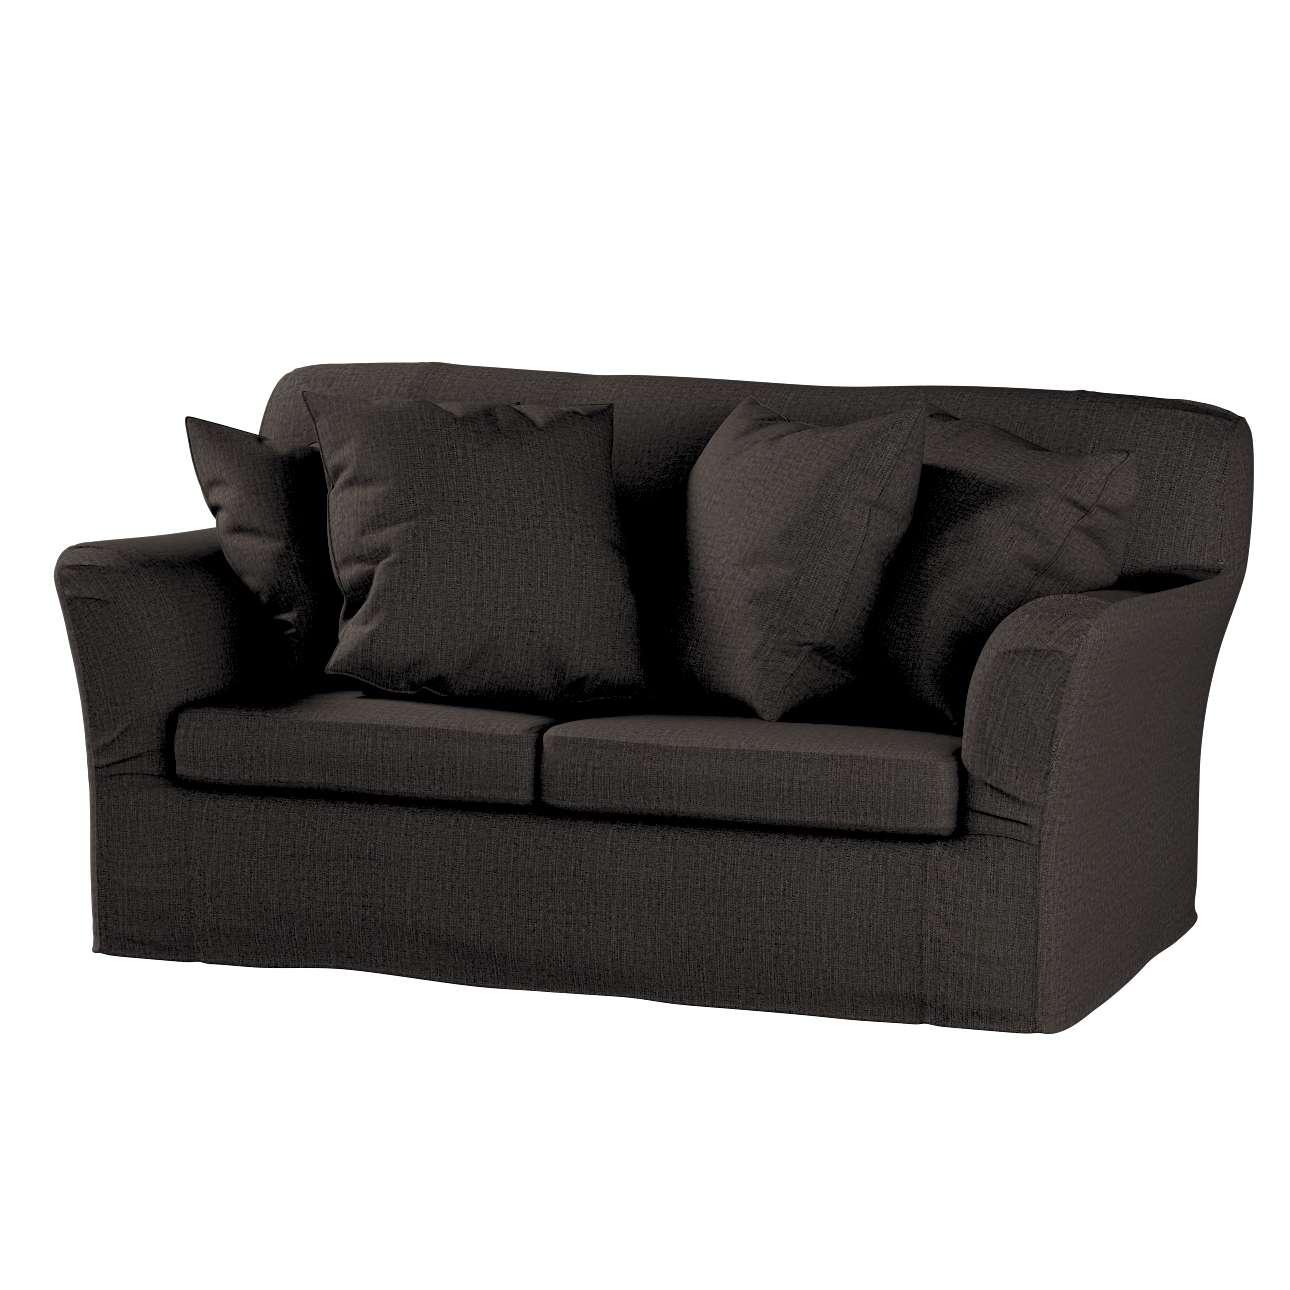 Pokrowiec na sofę Tomelilla 2-osobową nierozkładaną Sofa Tomelilla 2-osobowa w kolekcji Vintage, tkanina: 702-36